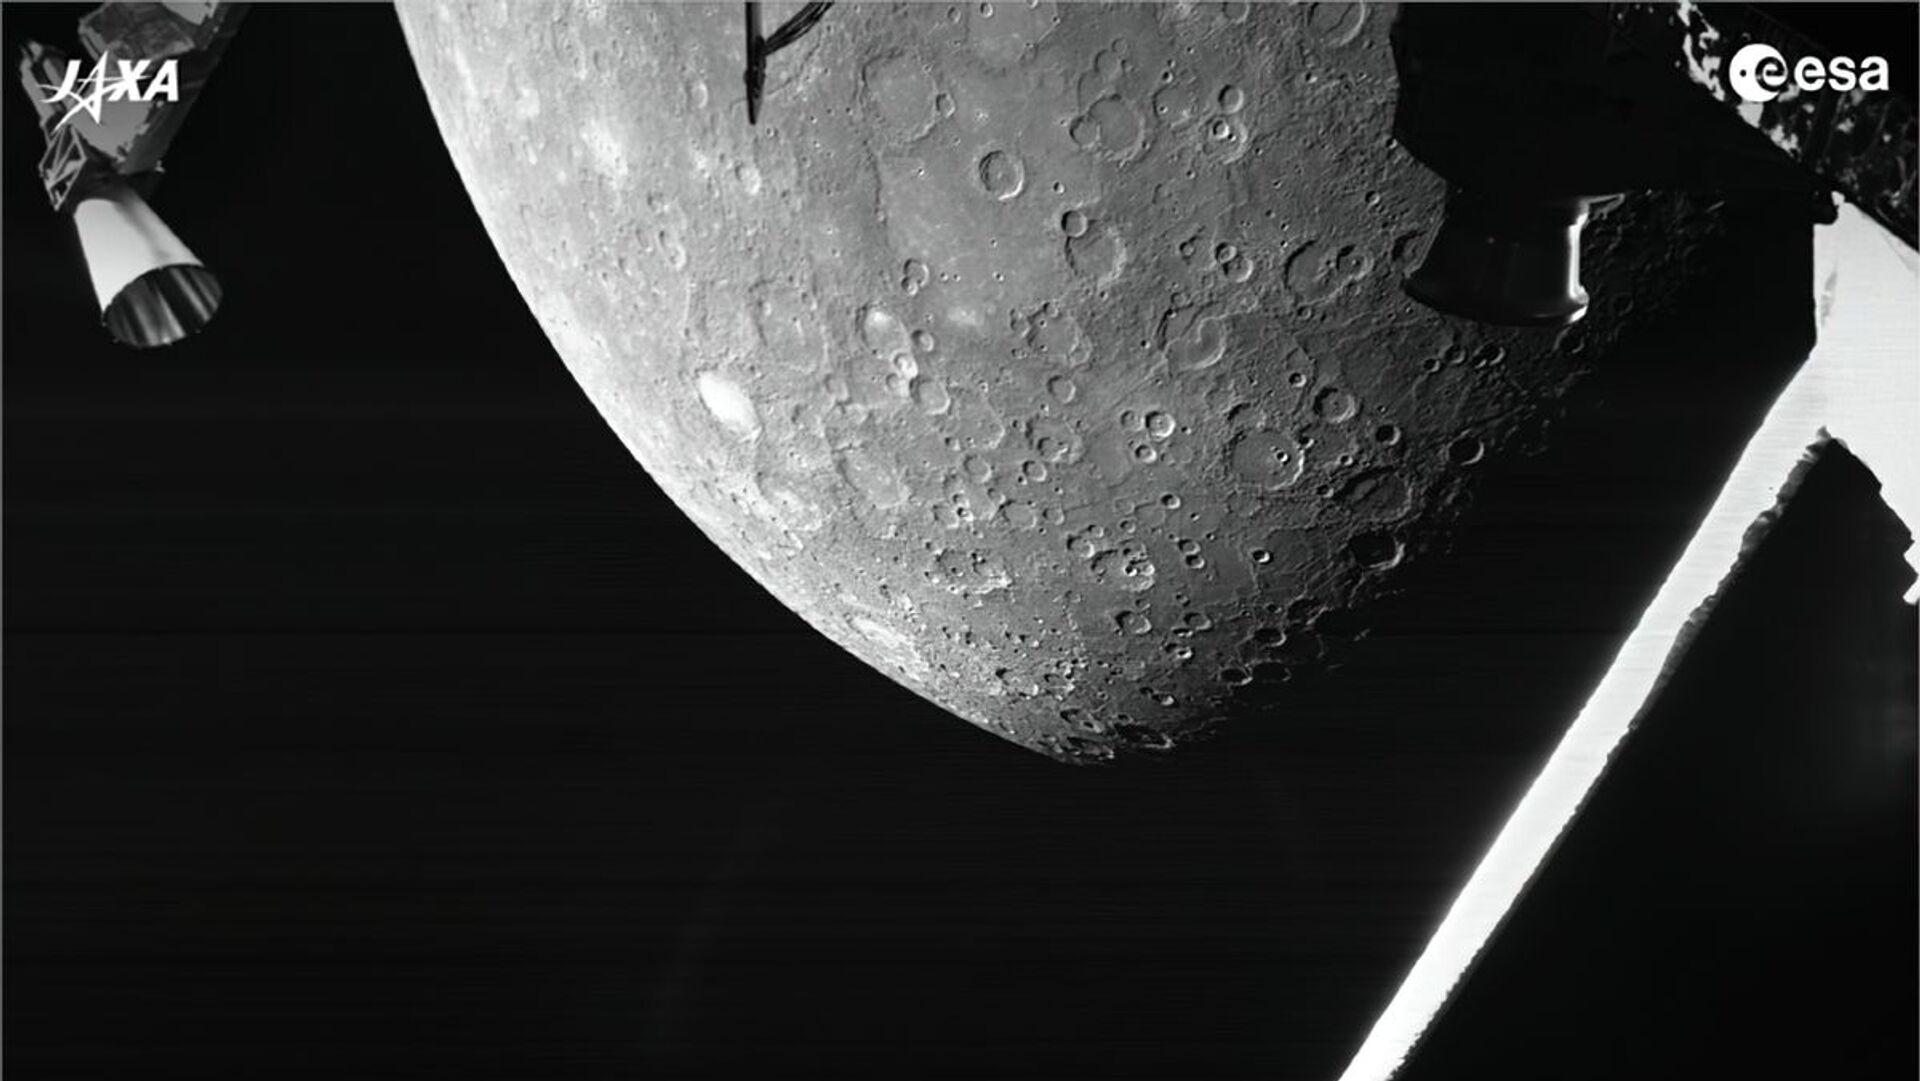 Sonda kosmiczna BepiColombo przesłała pierwsze zdjęcie Merkurego - Sputnik Polska, 1920, 02.10.2021